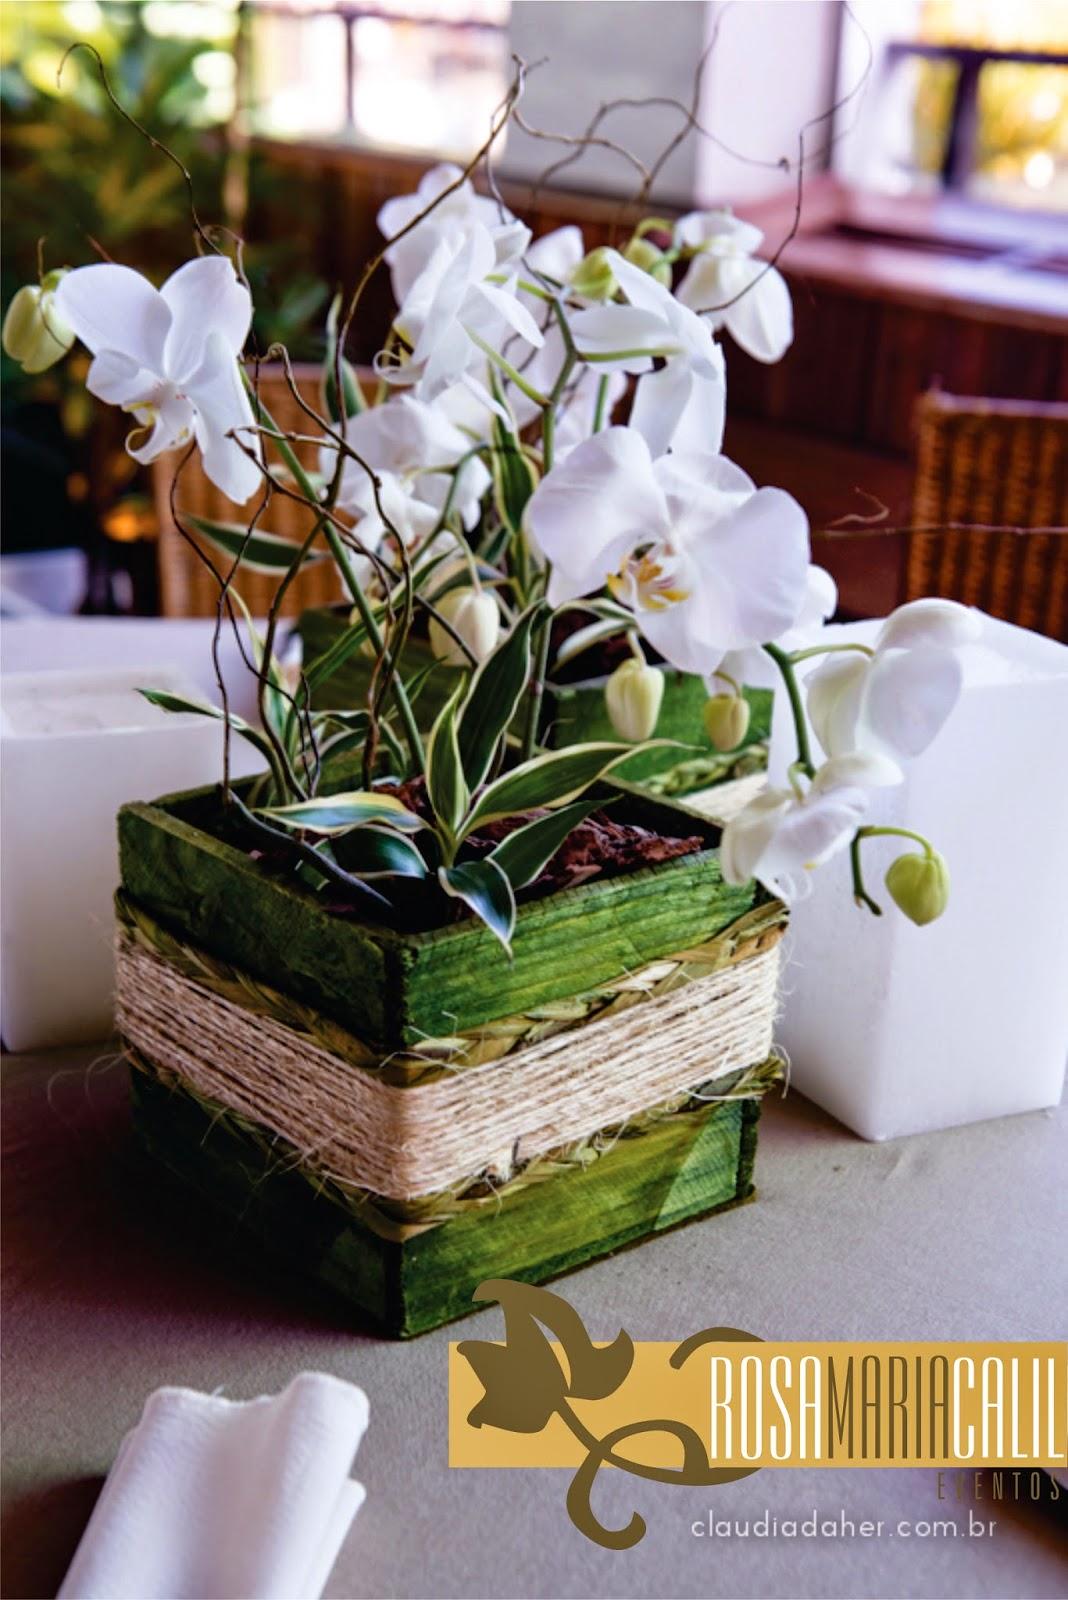 Arranjos de flores brancas em modelos variados